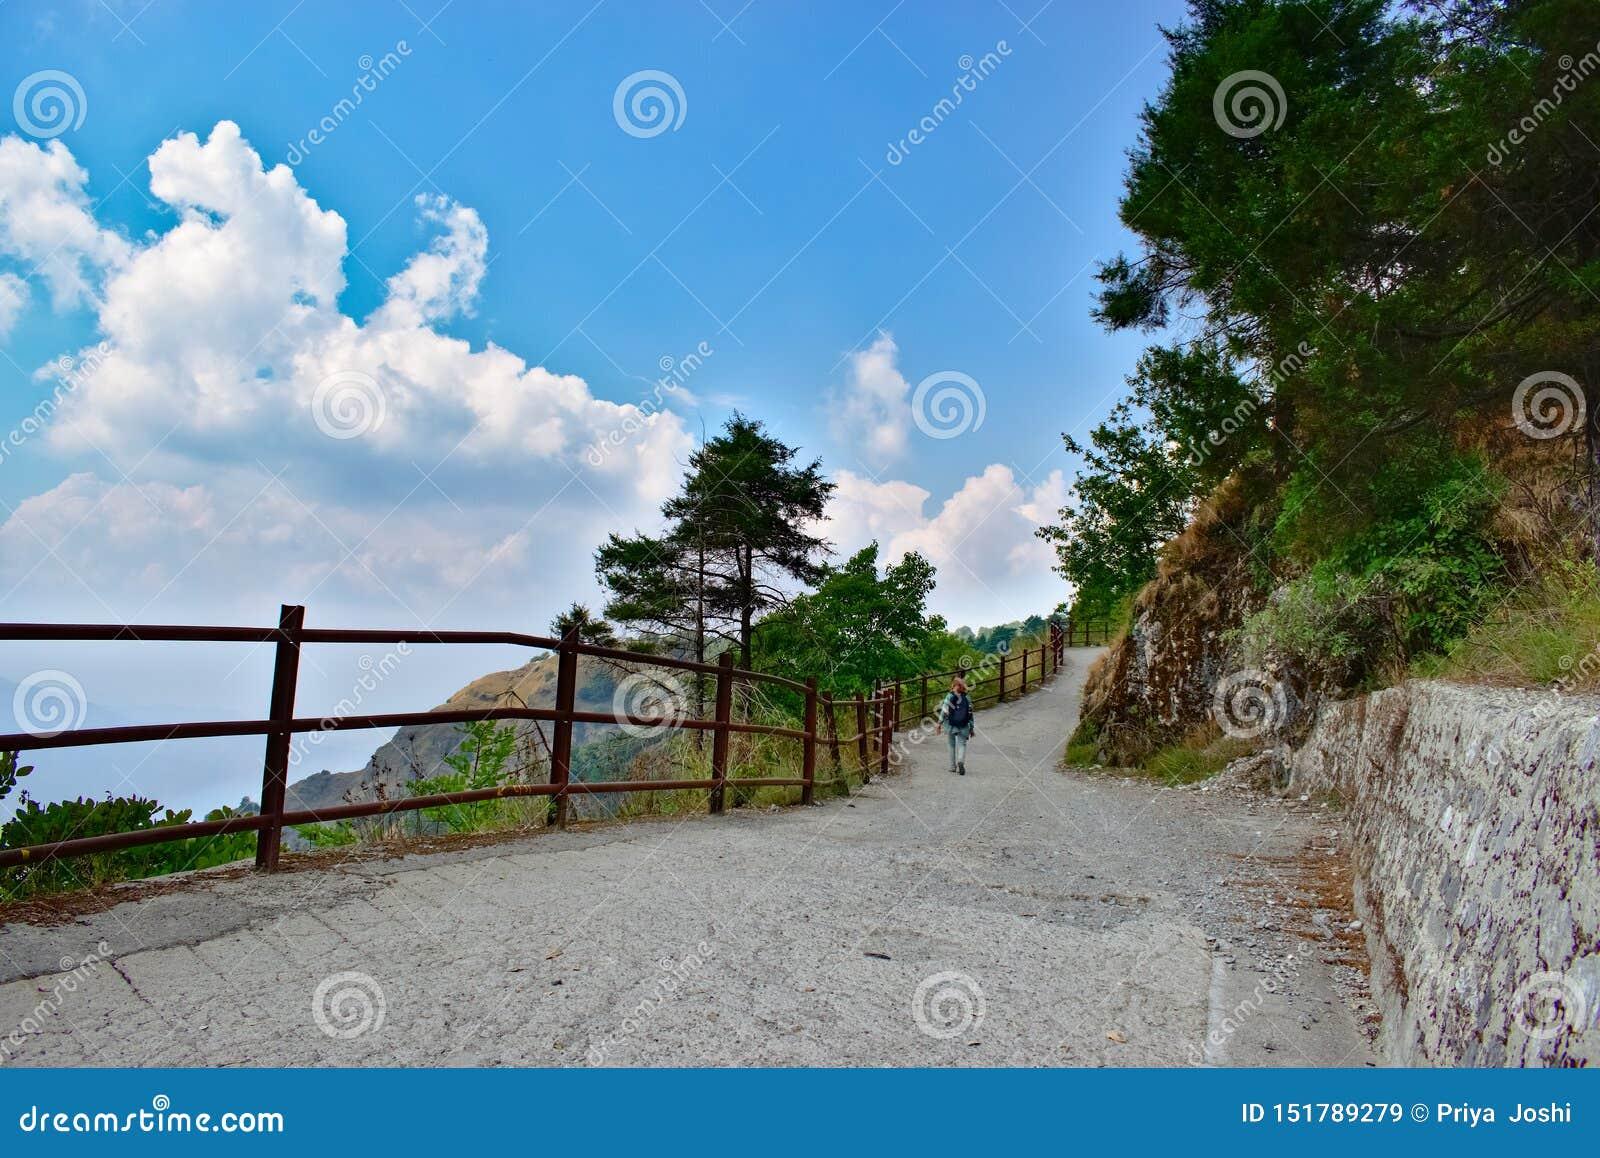 Женщина с красными волосами самостоятельно в горах с красивыми облаками trekking самостоятельно в лесе с пейзажем красивого вида